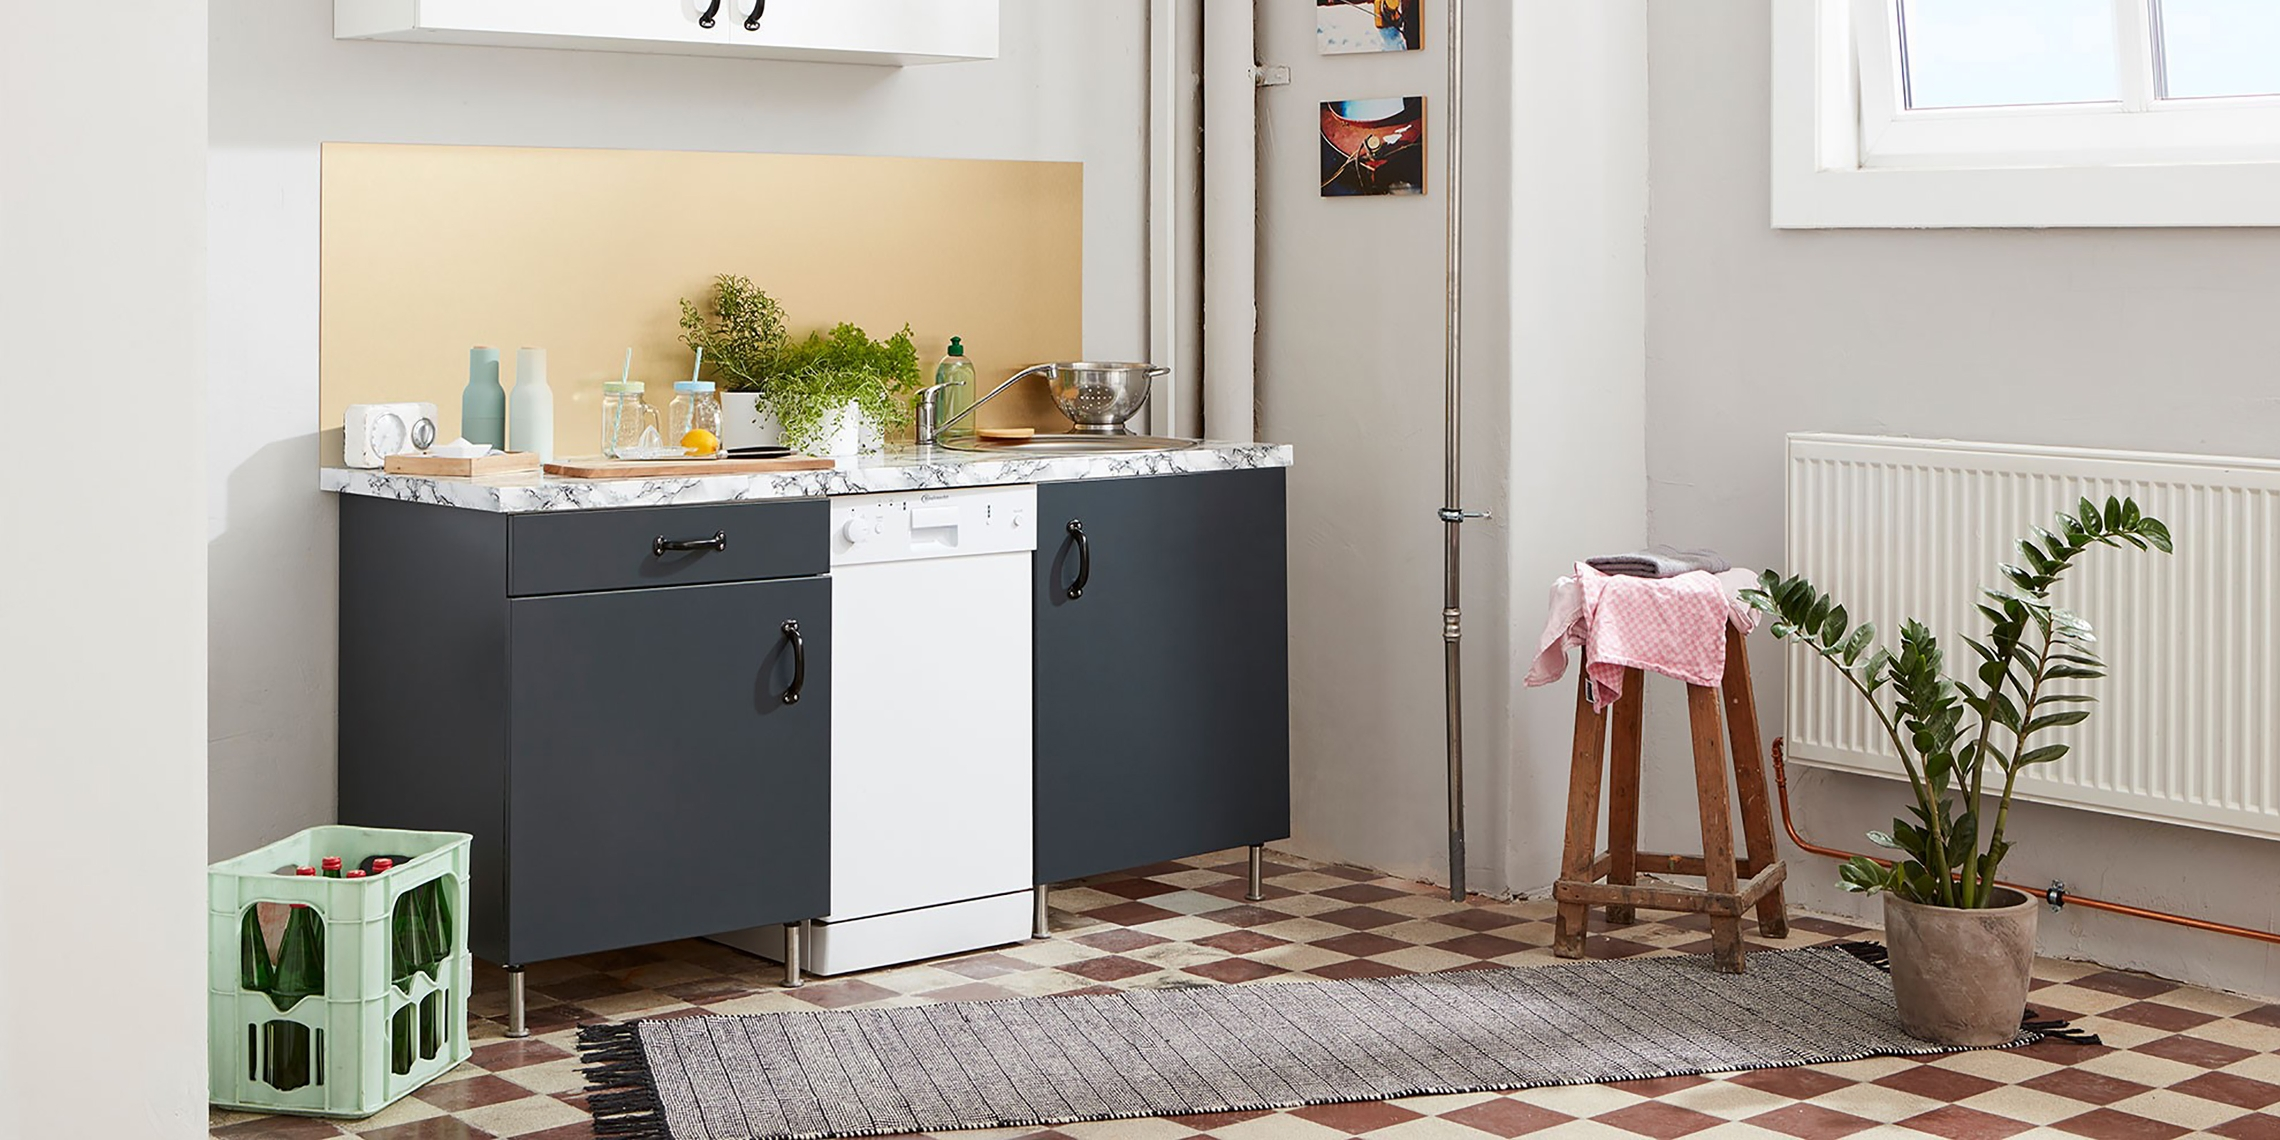 Aus Alt Mach Neu Und Stylisch 4 Tipps Fur Deine Neue Kuche Bosch Diy